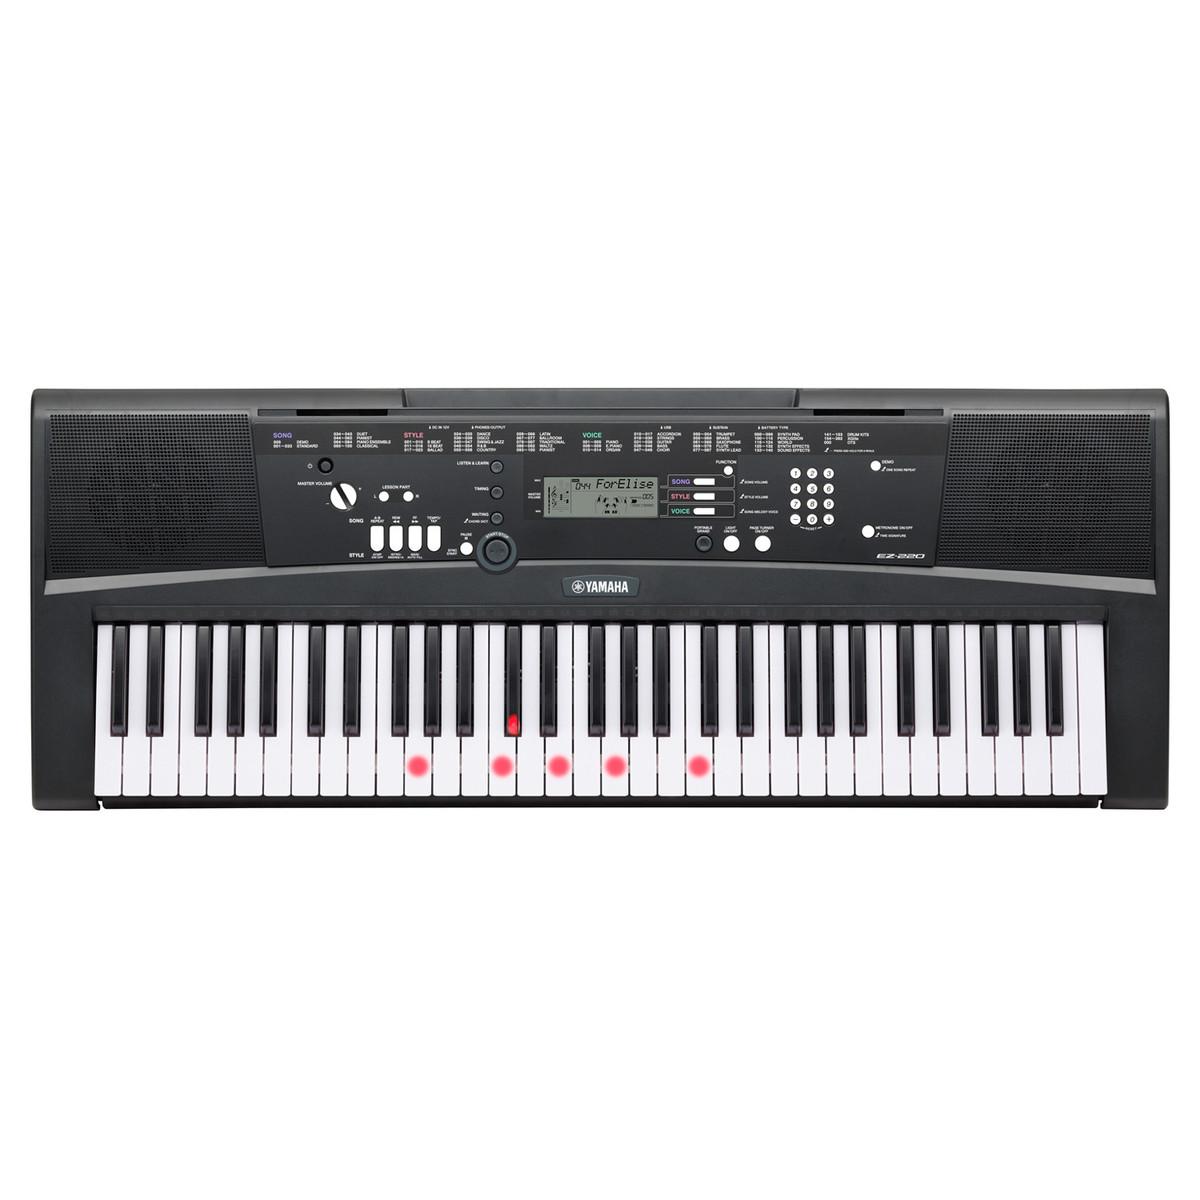 Yamaha ez220 61 n glen keylighting keyboard boksen bnet for Yamaha psr 410 keyboard